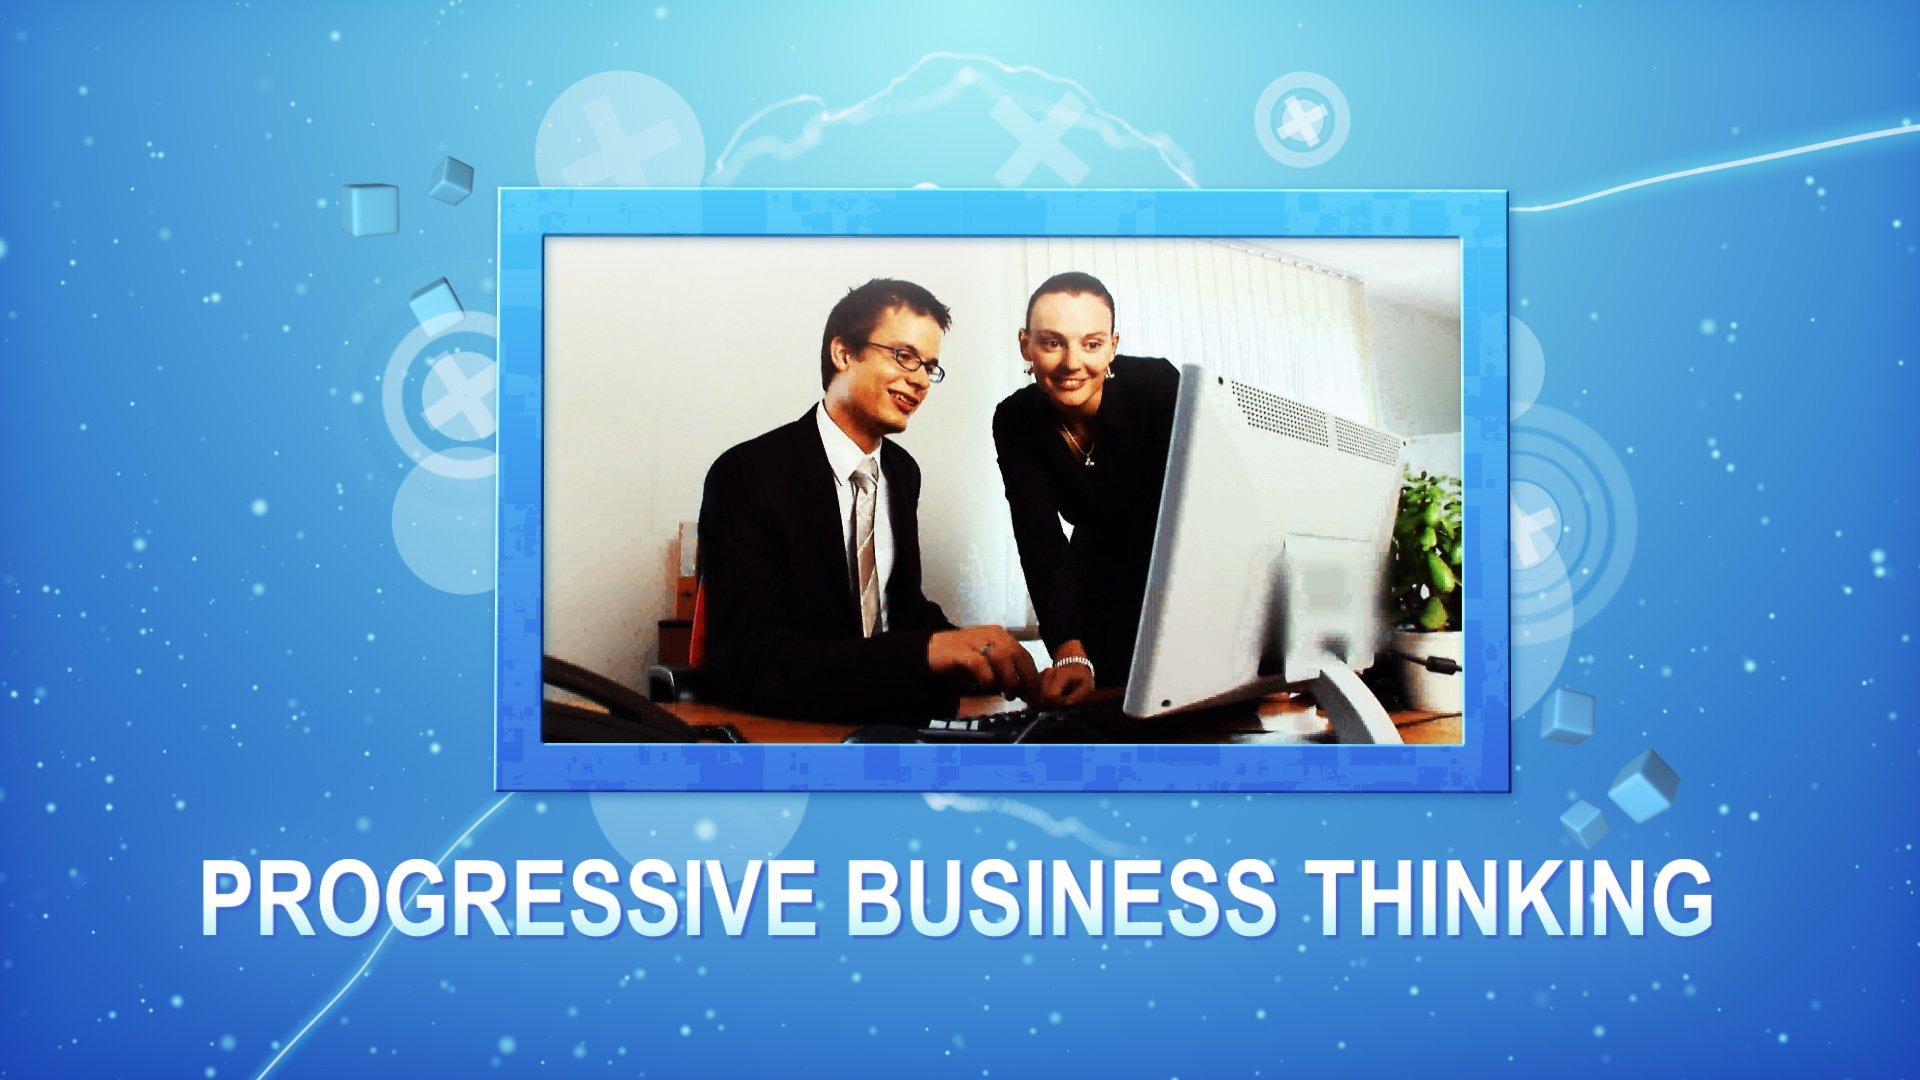 Заставка After Effects №26813 на тему бизнес и услуги